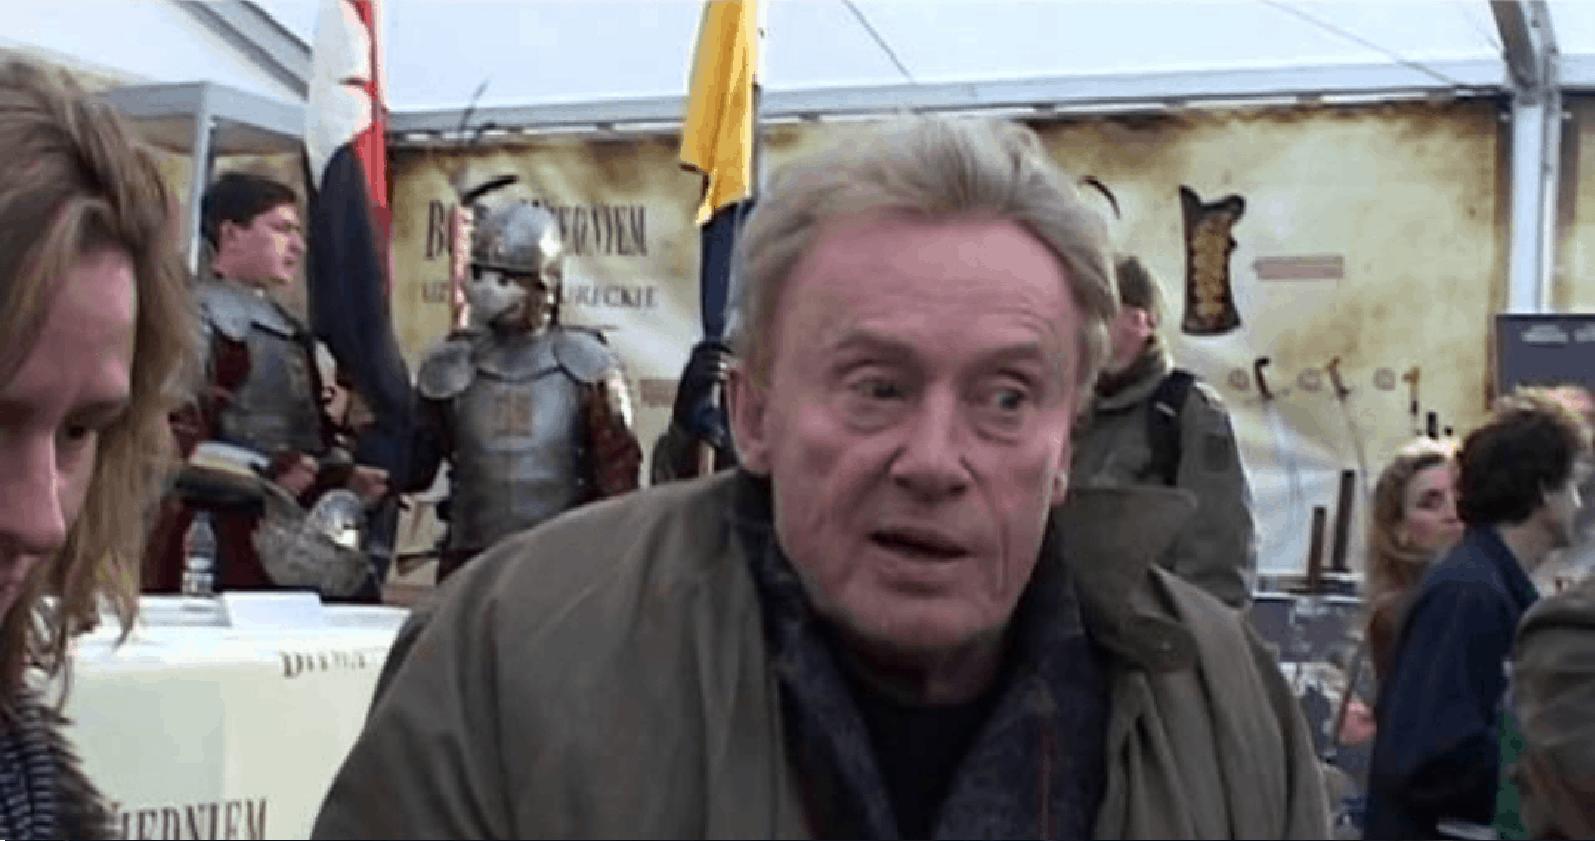 Daniel Olbrychski to bez wątpienia wybitny aktor i artysta pełnej krwi, jednakże wiadomo, że nie pała miłością do rządów PiS i Jarosława Kaczyńskiego.